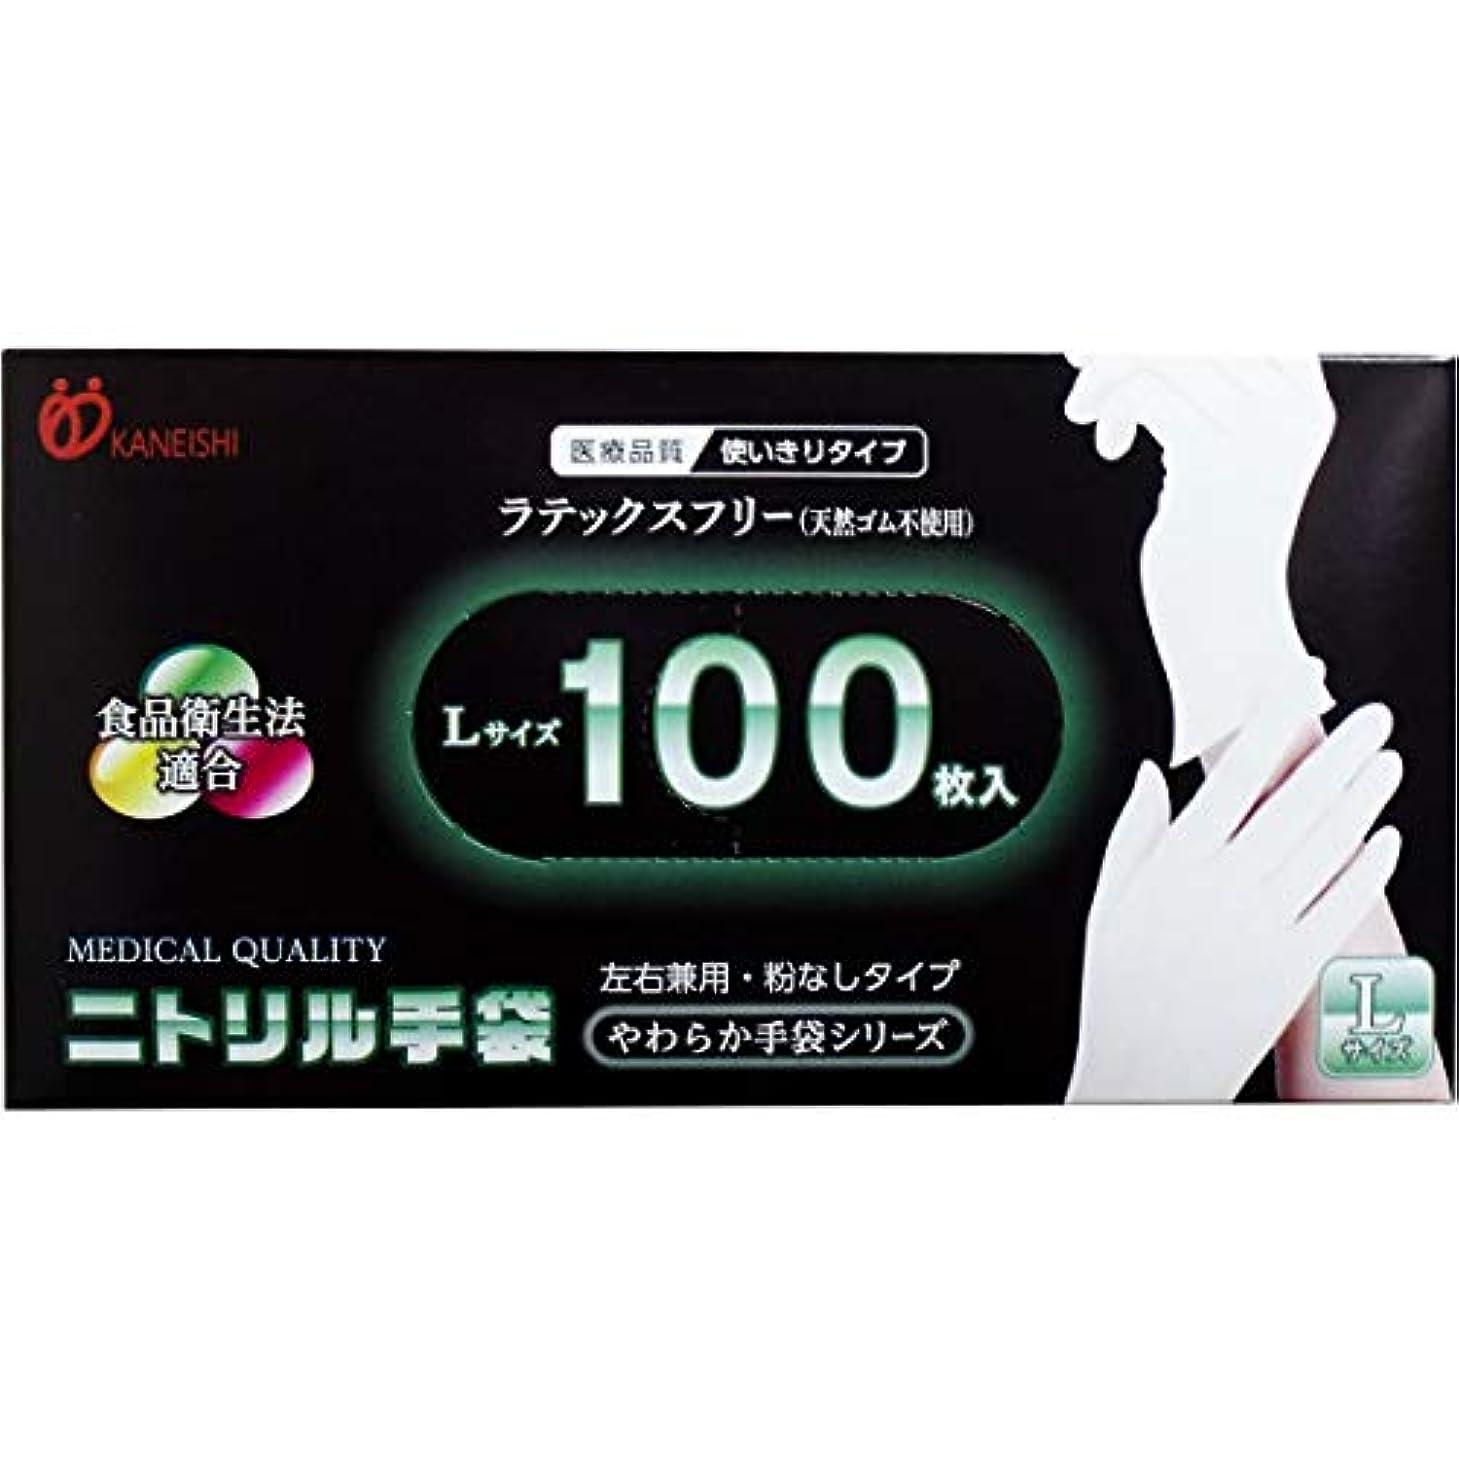 [9月26日まで特価]やわらかニトリル手袋 パウダーフリー 100枚入 Lサイズ ×5個セット(管理番号 4956525001120)